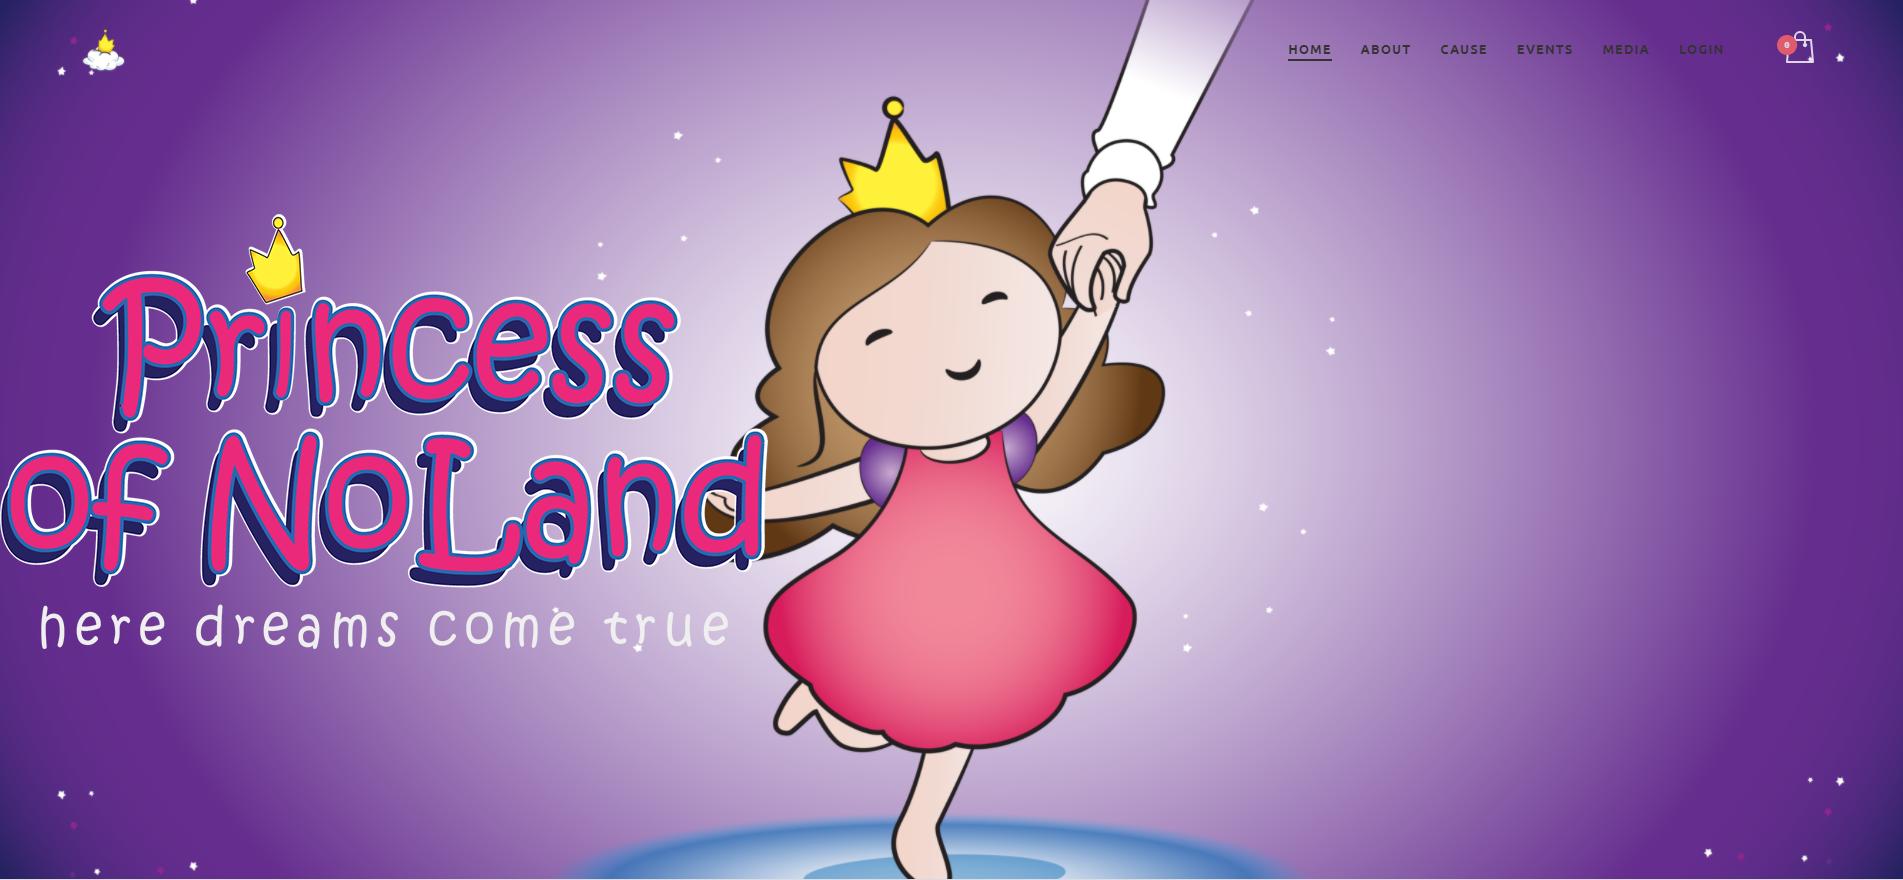 client website princess of noland